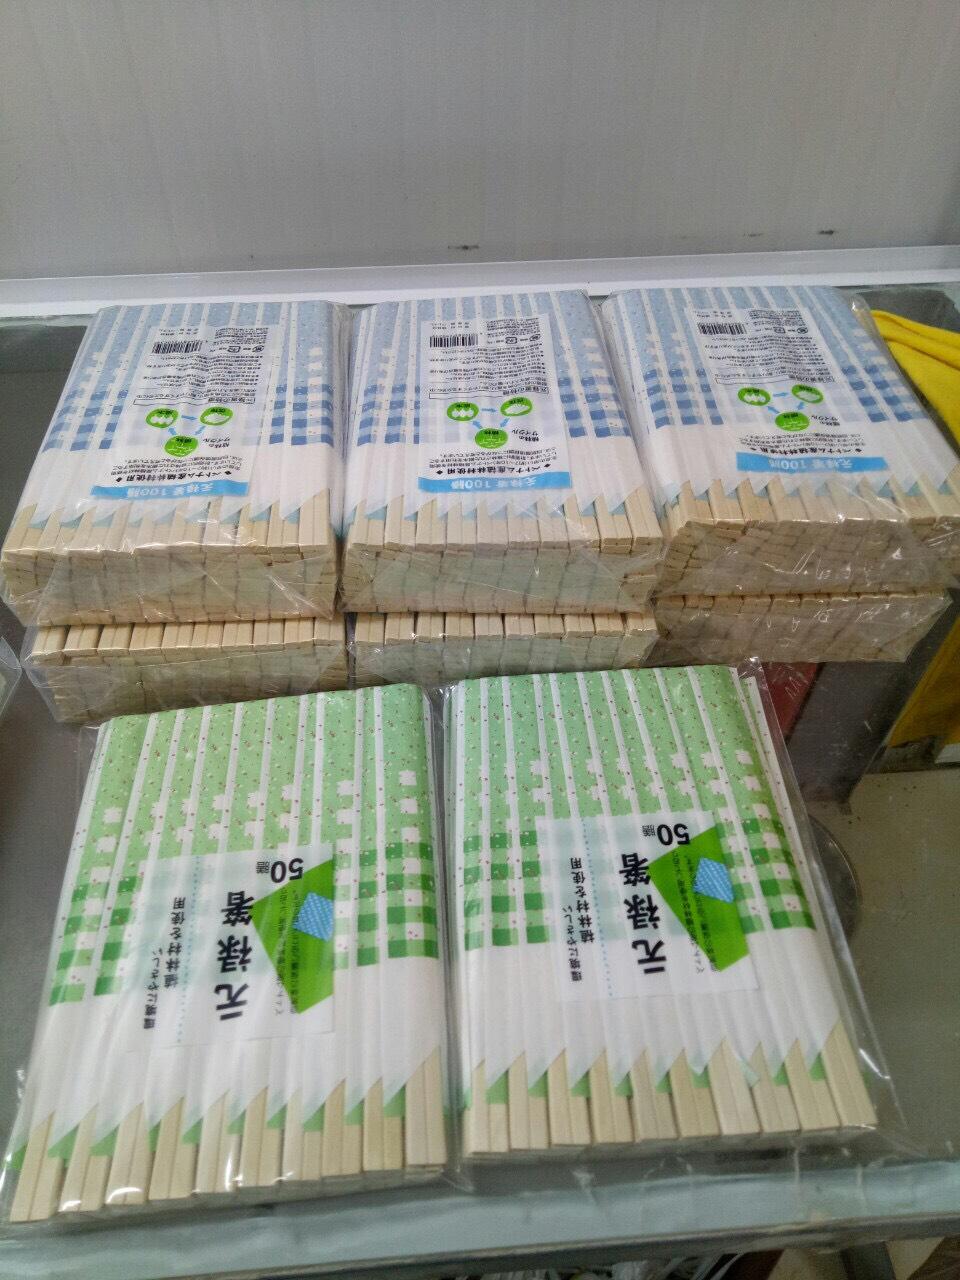 50 đôi đũa gỗ tách dùng 1 lần đóng gói bao giấy hở